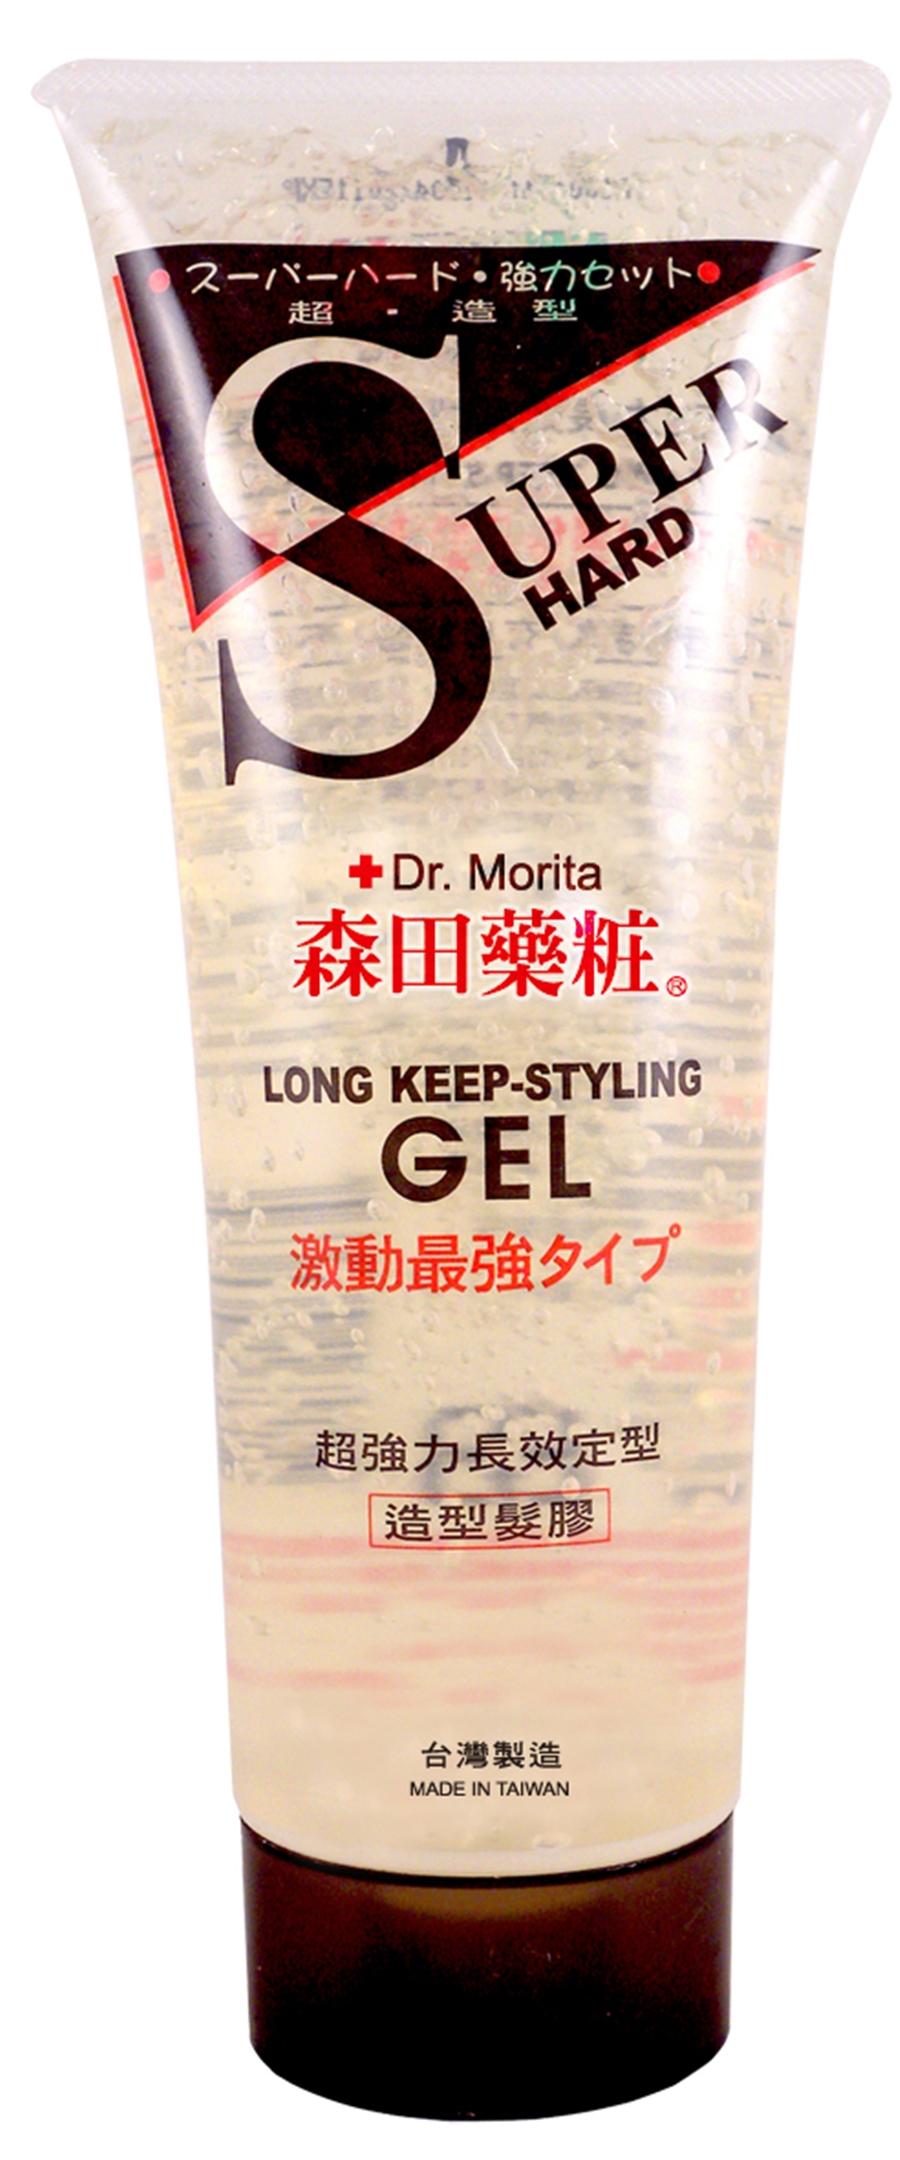 森田藥粧強力造型髮膠250ml  再送 動感塑型造型髮臘(灰)*1